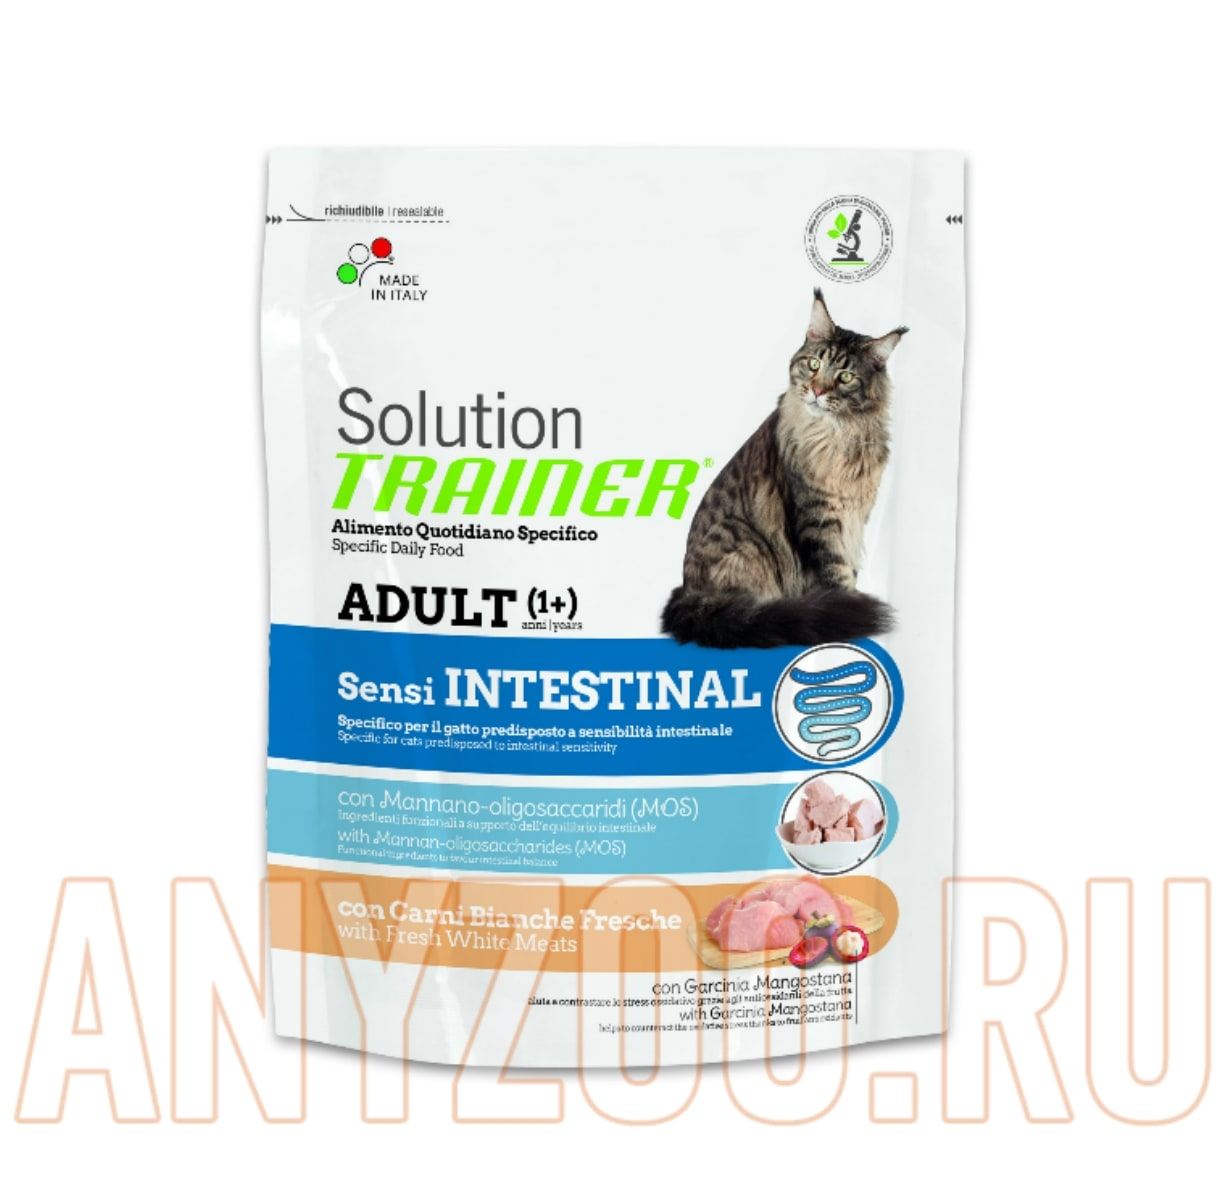 Магазин товаров для животных корма от Зоогалерея